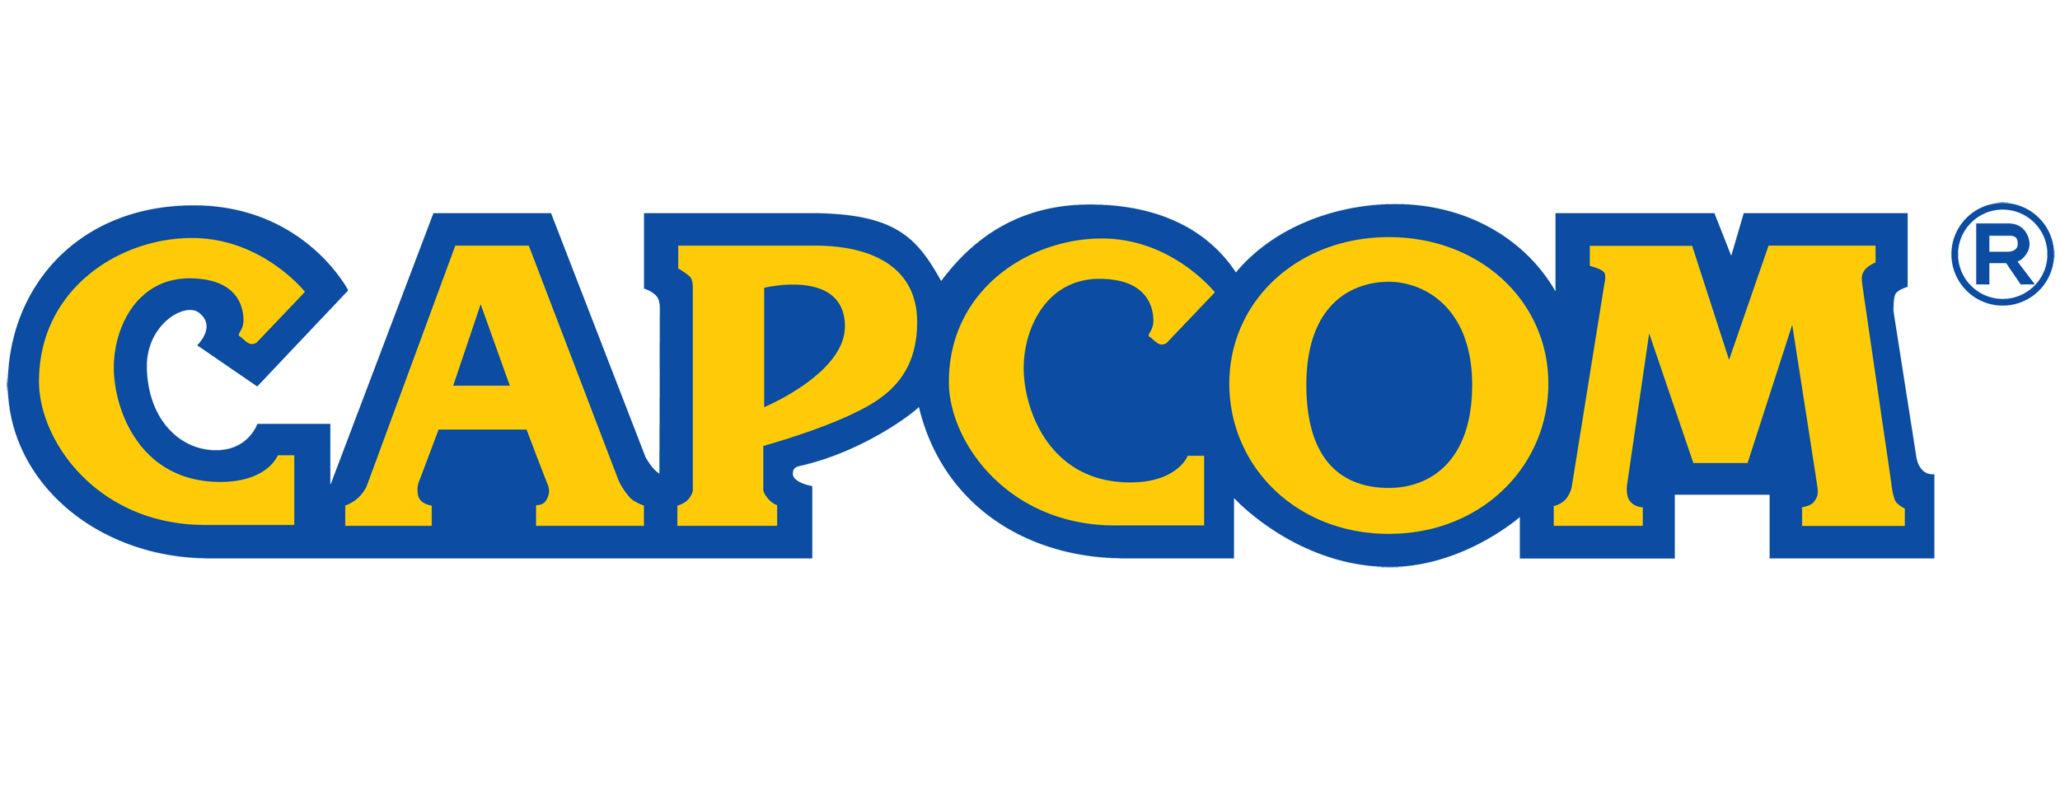 گزارش مالی و برنامههای آینده Capcom   فروش ۷٫۹ میلیون نسخهای Monster Hunter World